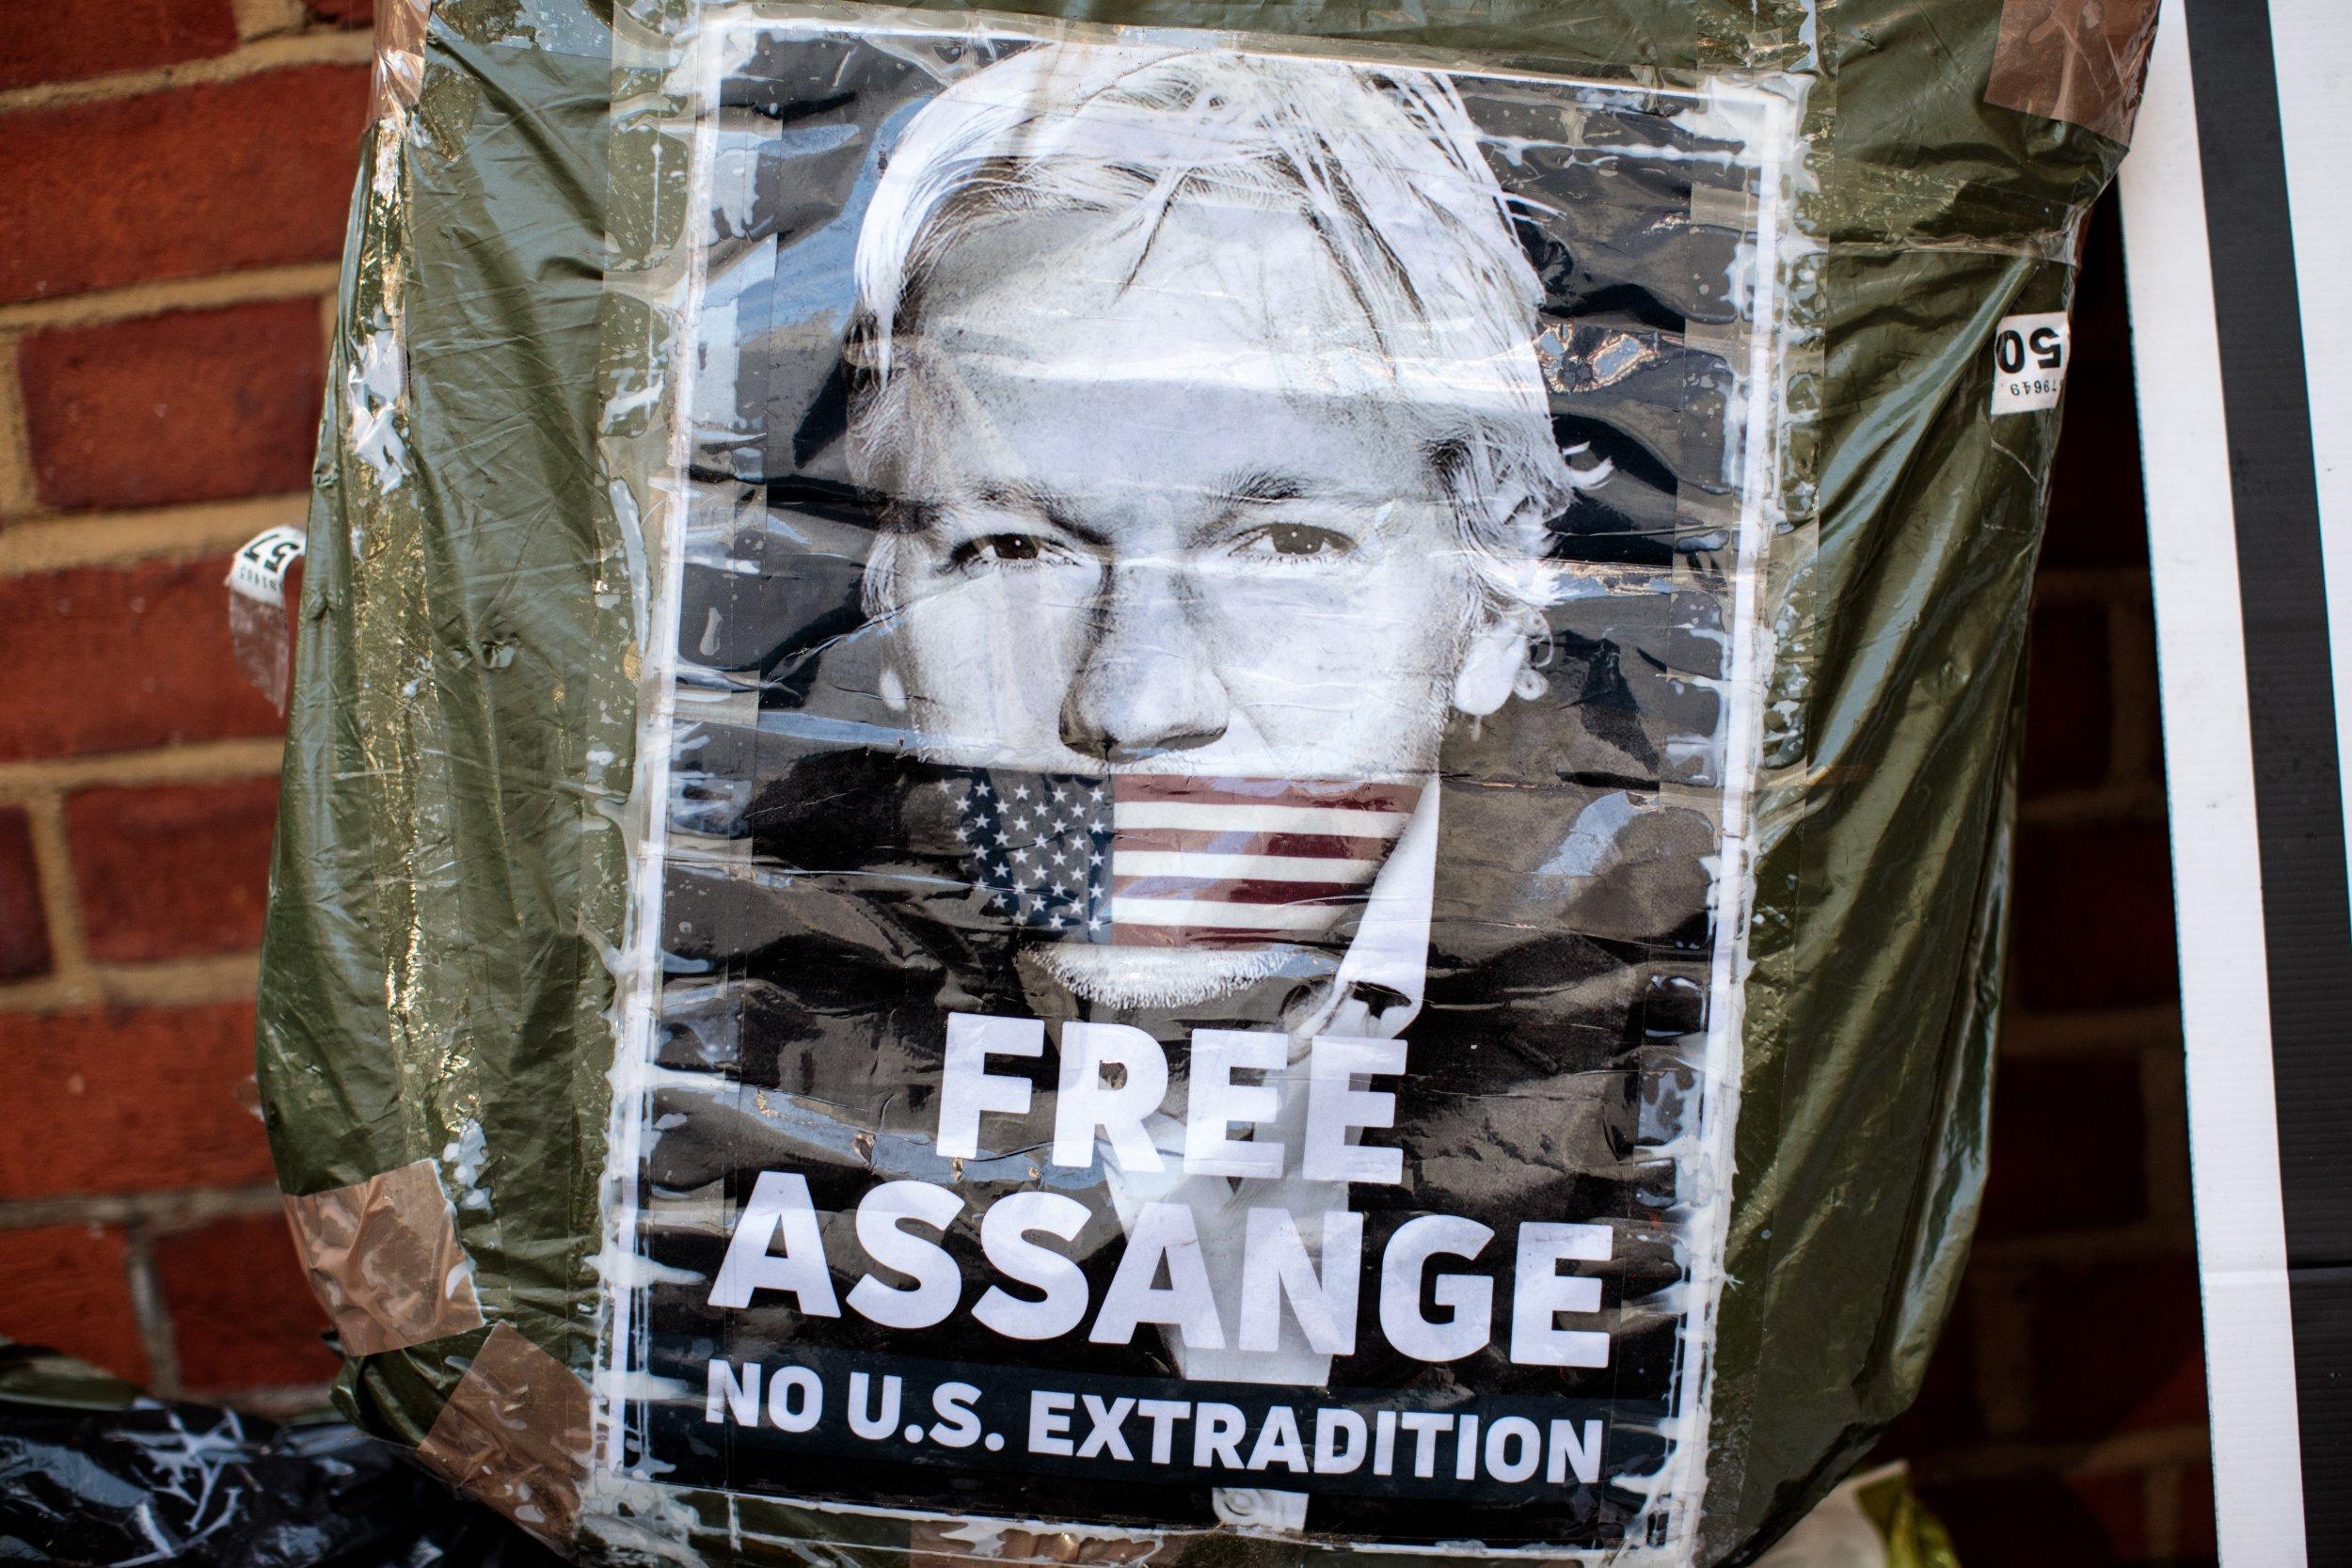 Sean Hannity Julian Assange WikiLeaks